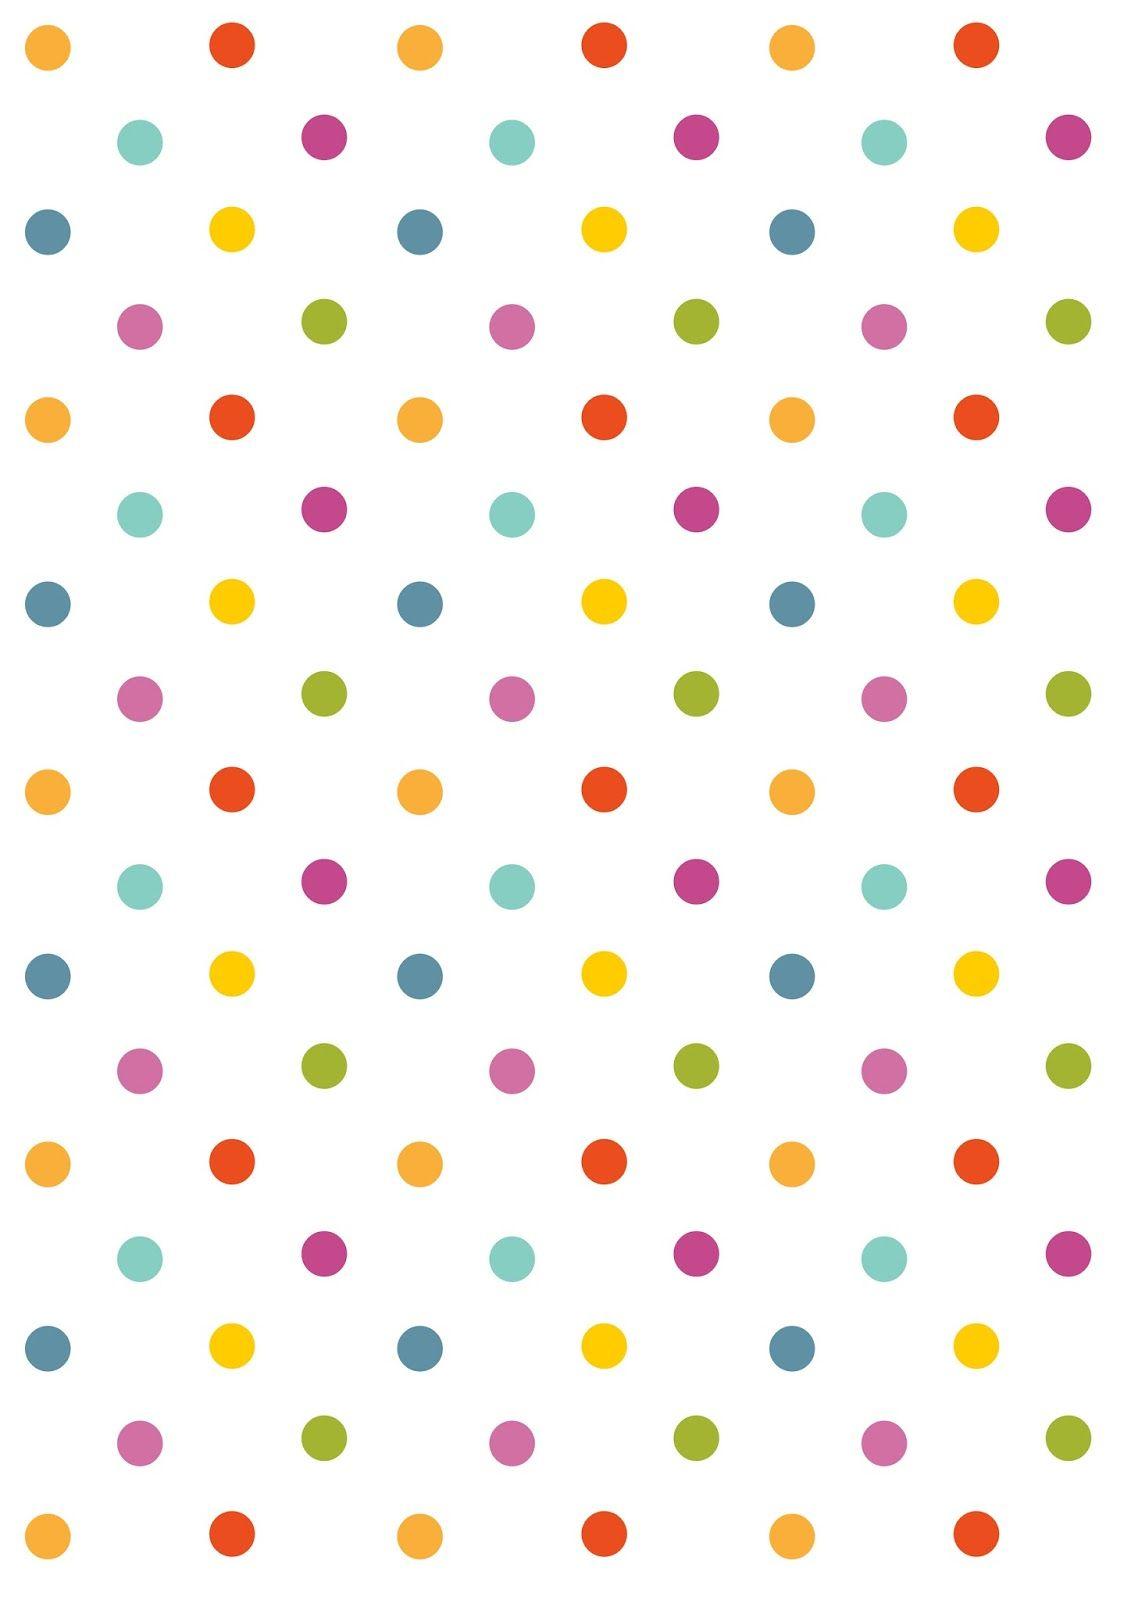 Free Digital Polka Dot Scrapbooking Paper - Ausdruckbares - Free Printable Wallpaper Patterns